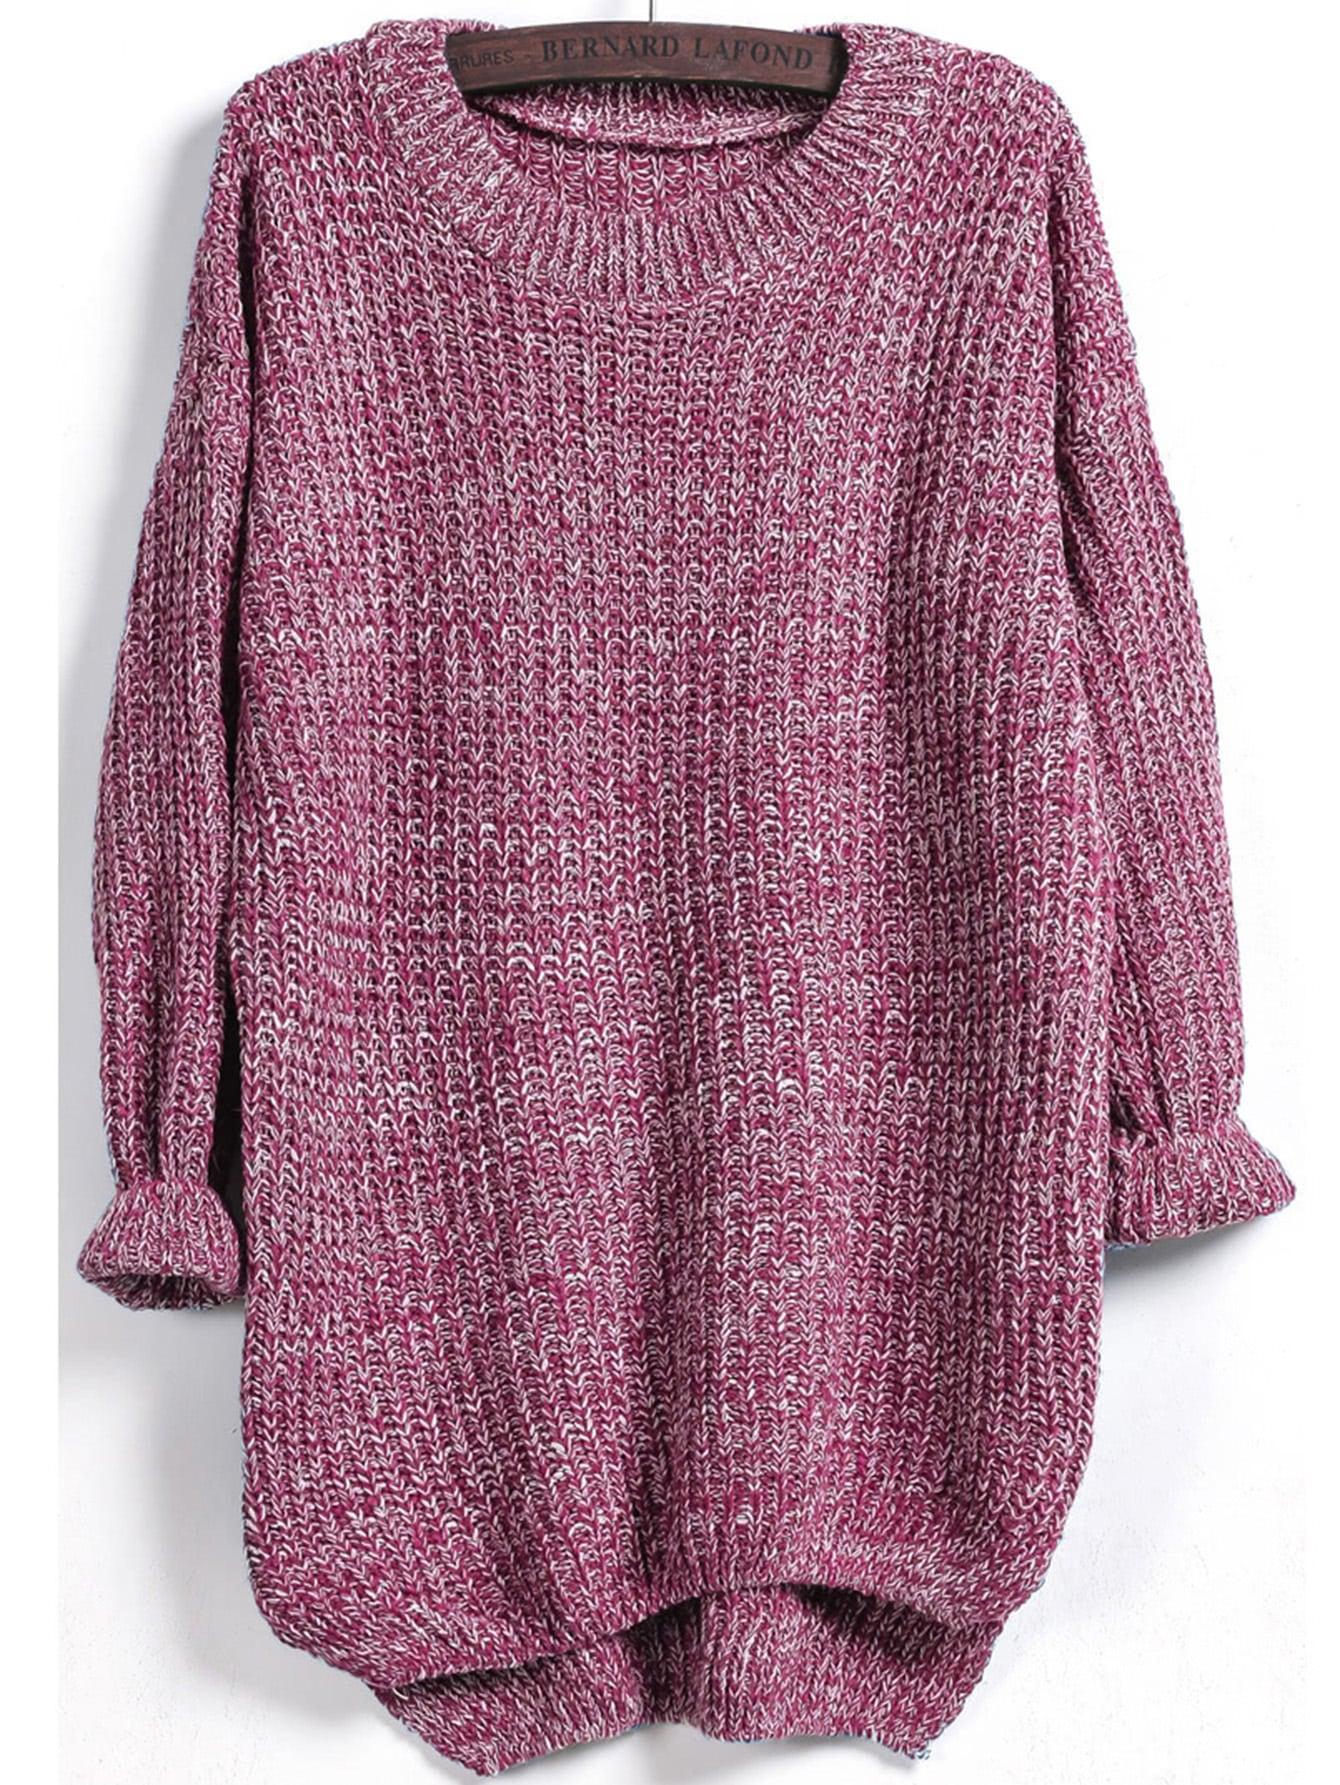 Dip Hem Marled Knit Jumper cable knit raw cut stepped hem jumper